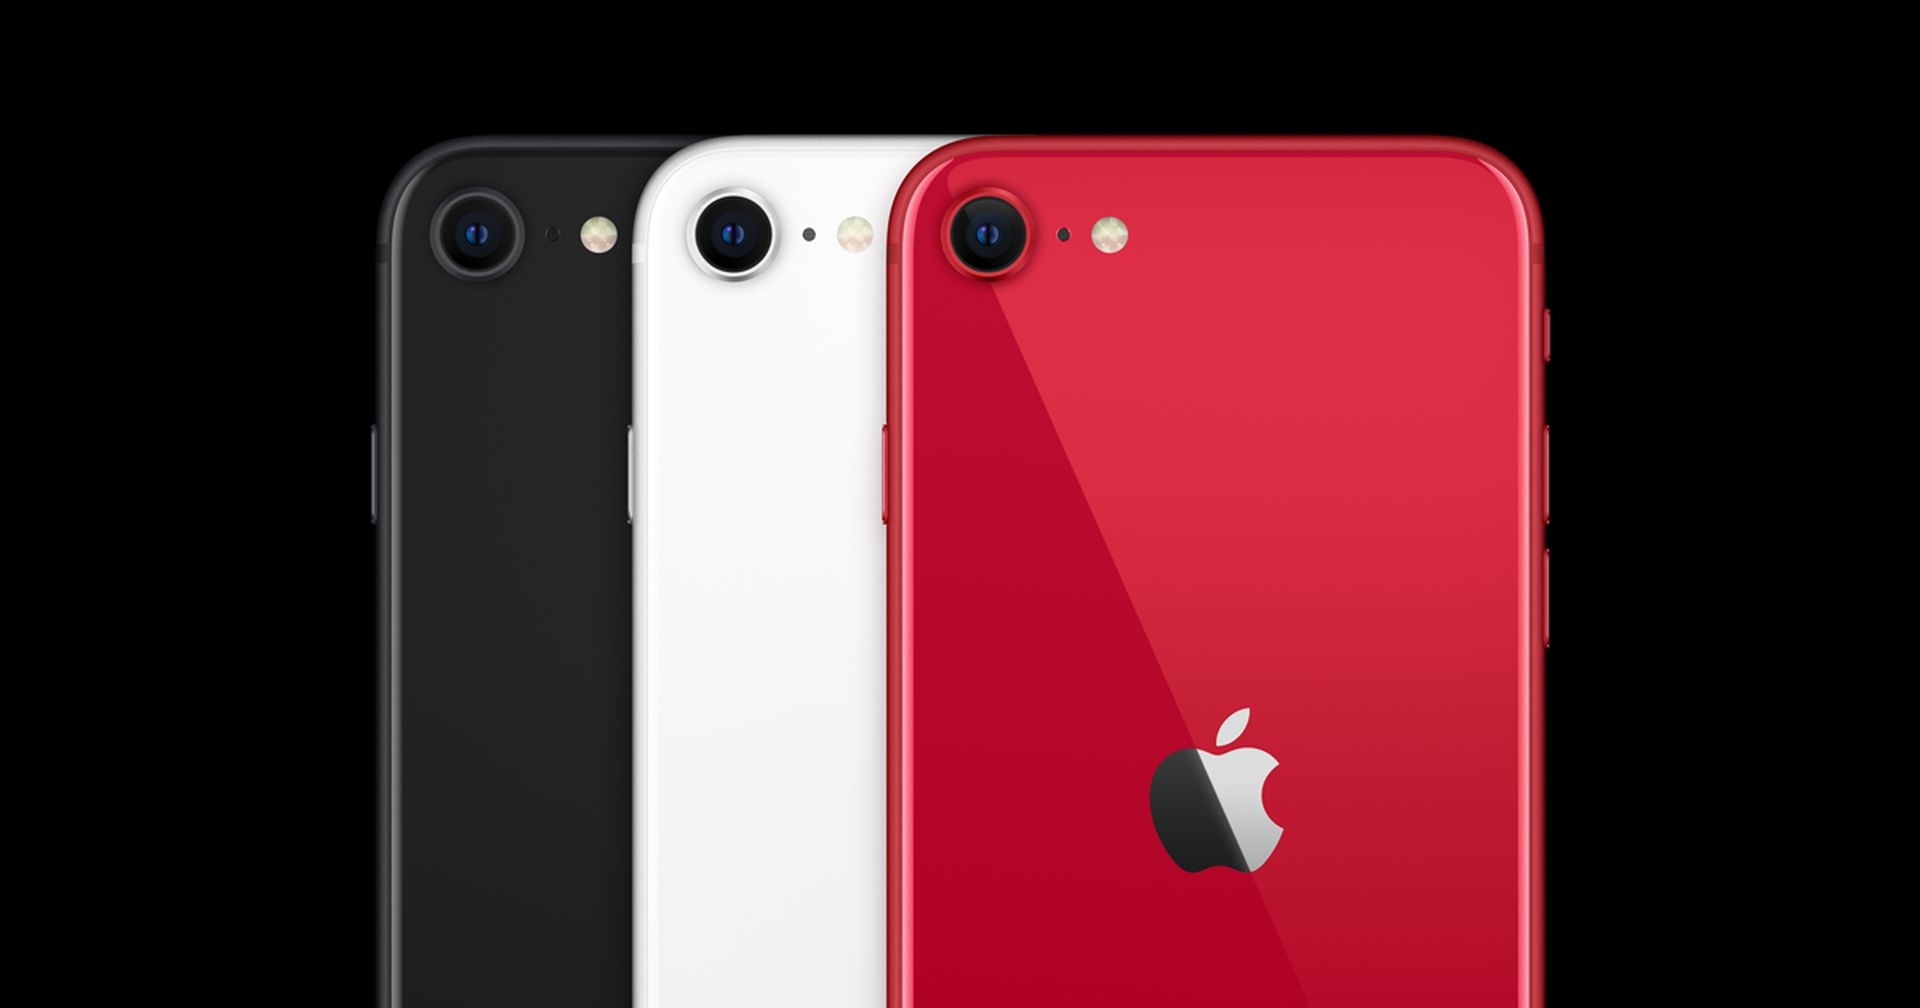 Słaby wynik sprzedaży iPhone'ów w USA w 2 kwartale 2020 roku